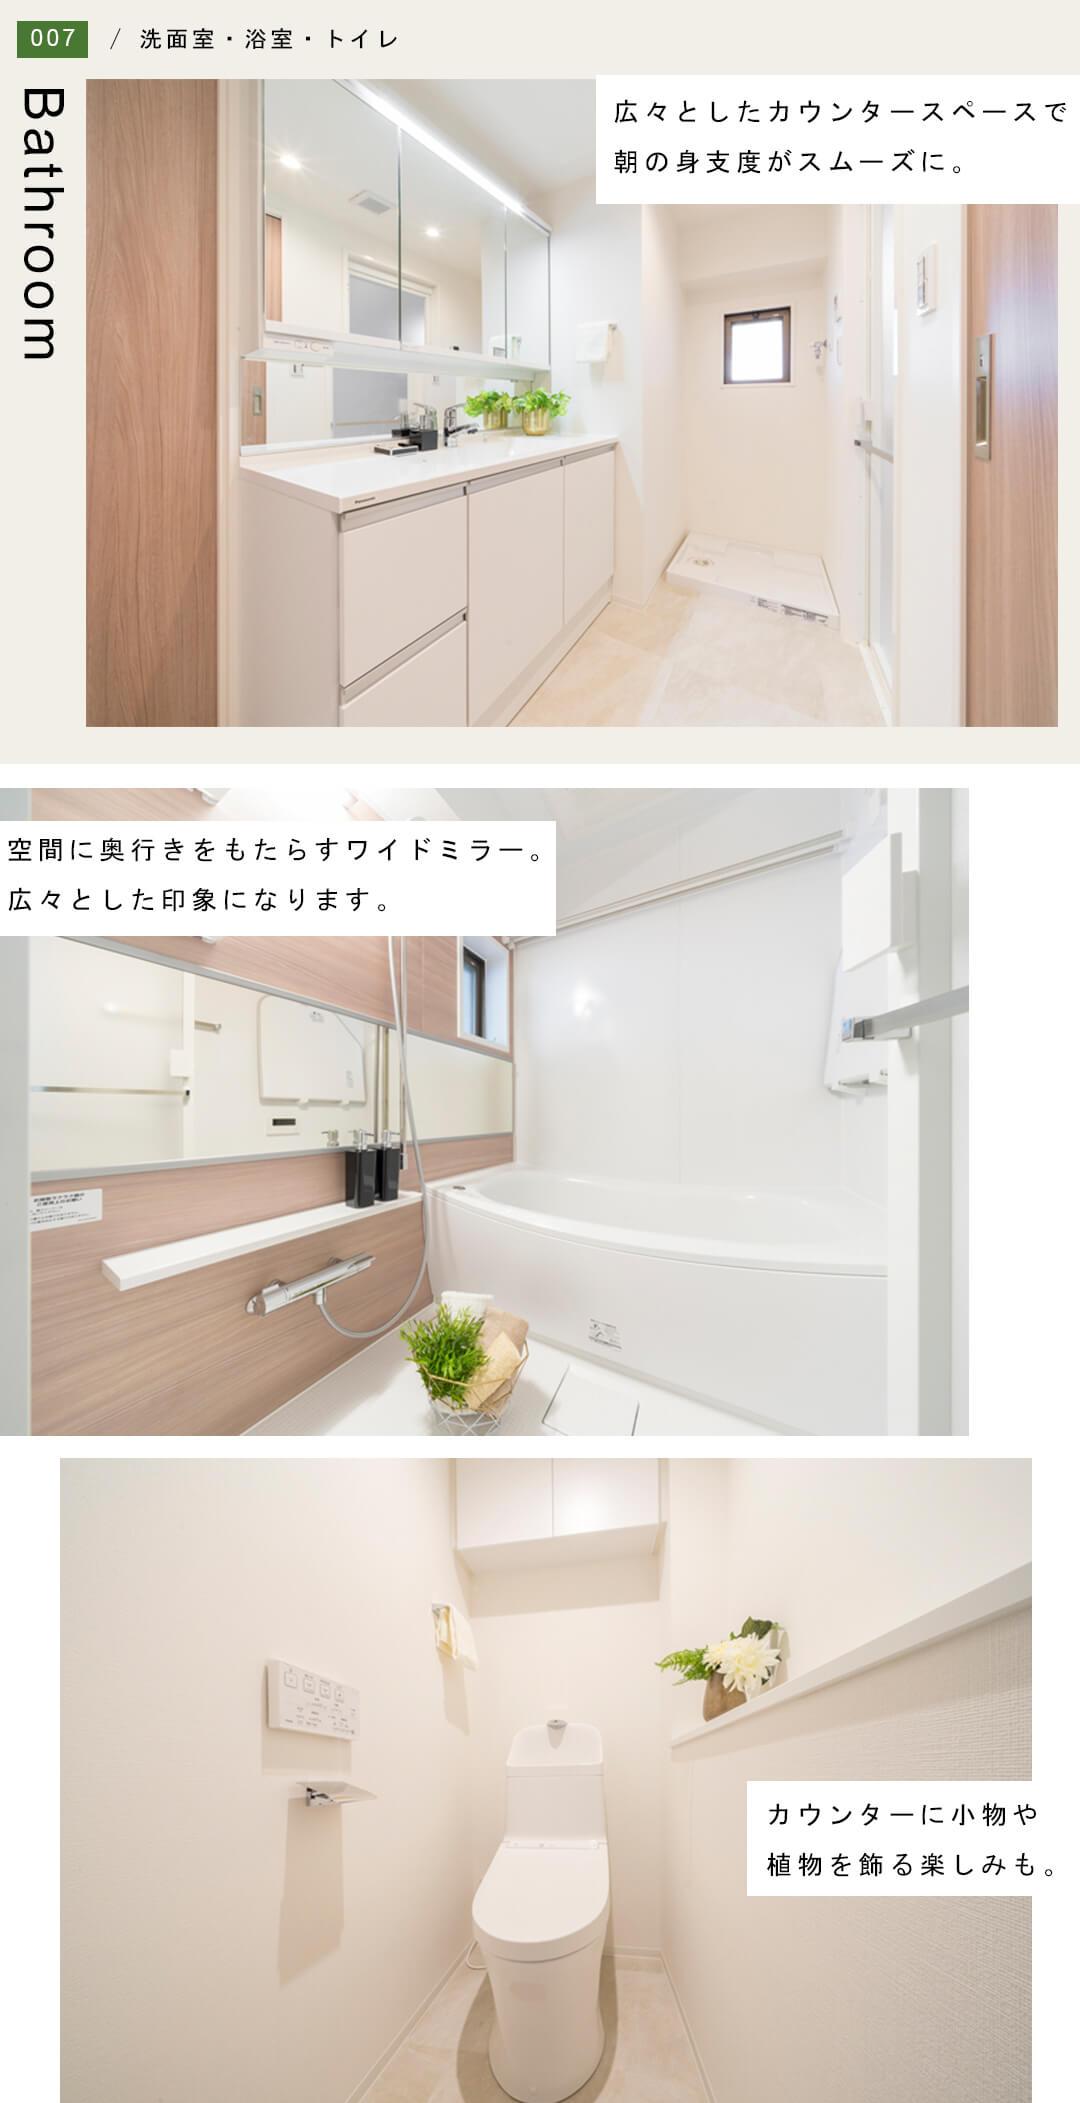 西国分寺レガの洗面室と浴室とトイレ